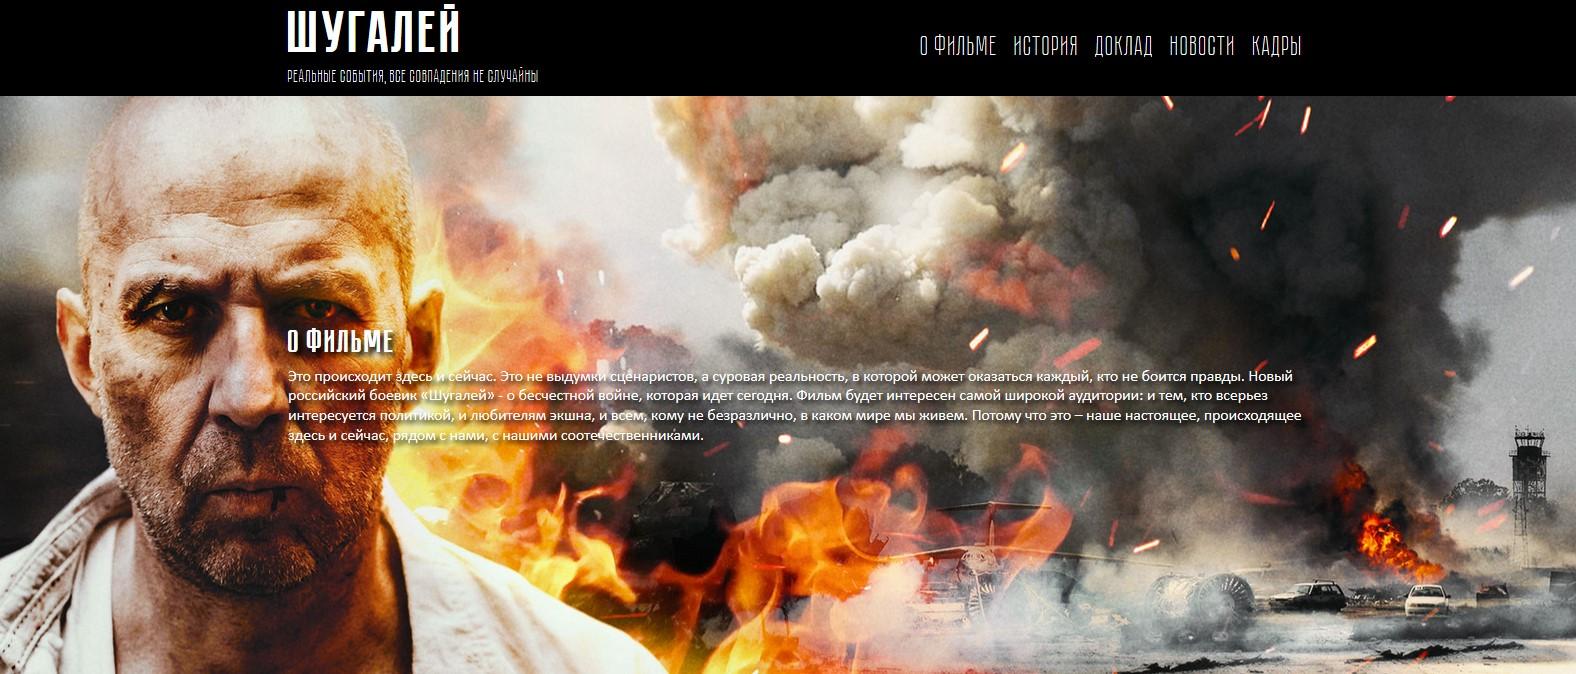 Скоро выйдет фильм о настоящем герое – «Шугалей»